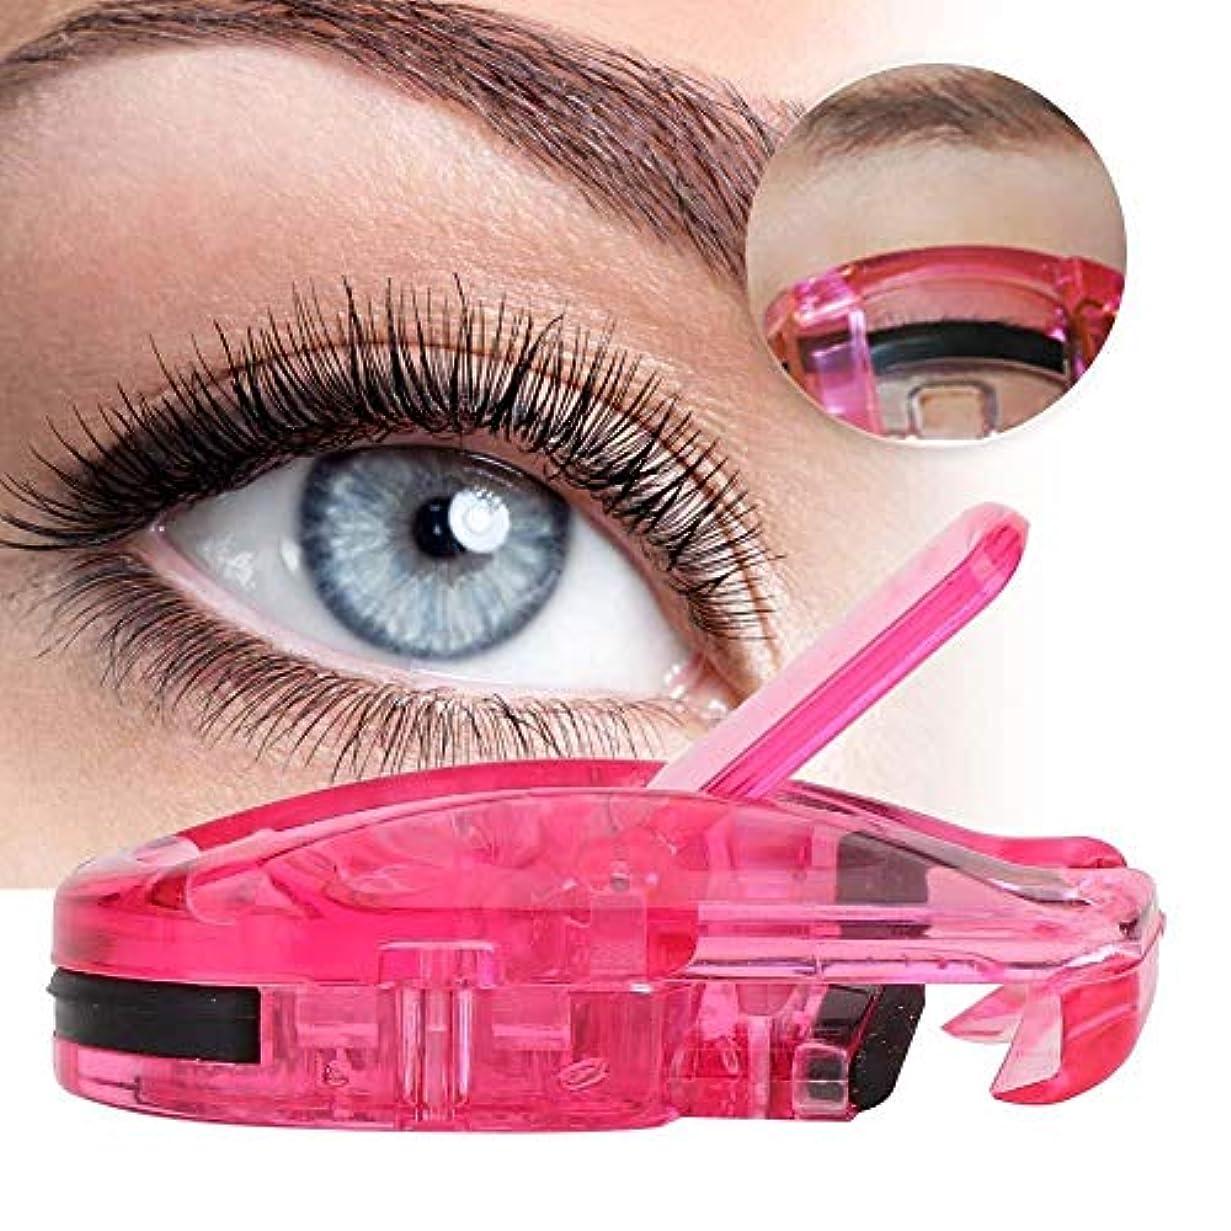 子供達通常卑しいアイラッシュカーラー ミニサイズ ビューラー 持ち便利 睫毛 まつ毛 化粧道具 ビューラー クリップ クリップ フィットカーラー 化粧ツール